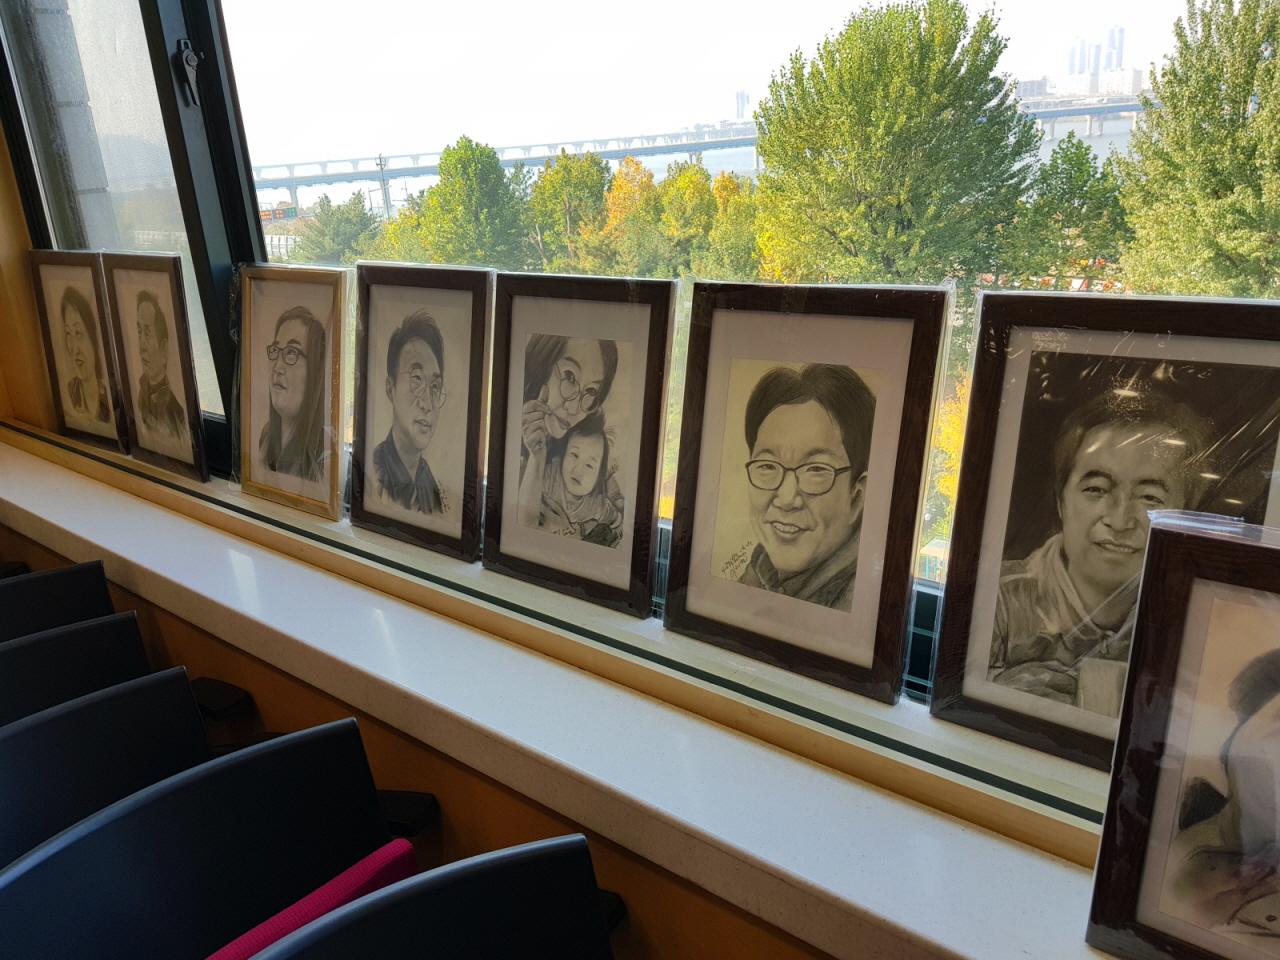 심장이식인의 모임에 전시된 이태권씨의 연필초상화(서울아산병원)